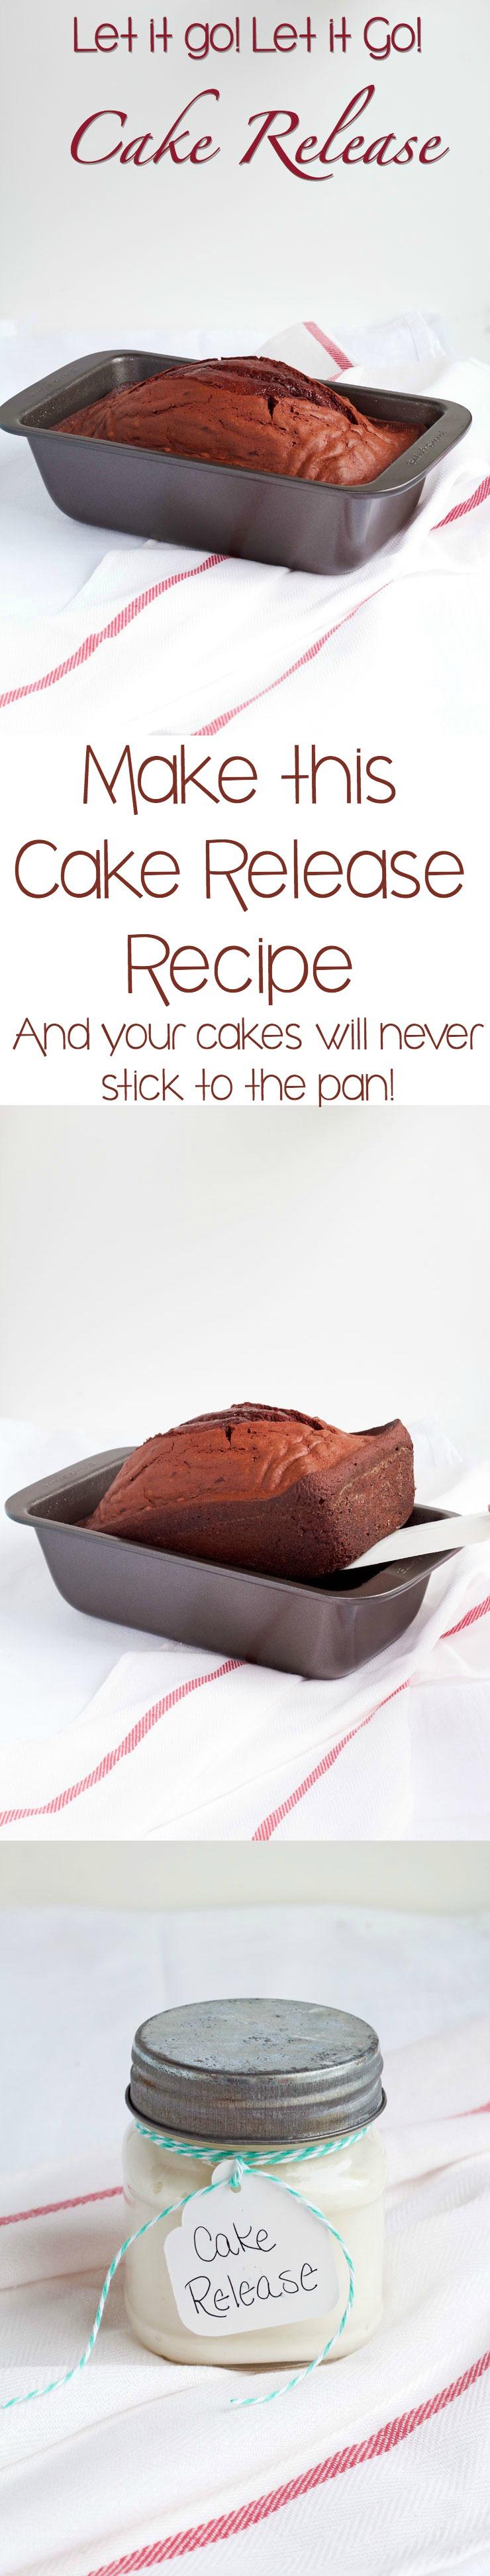 Let it Go! Let it Go! Cake Release Recipe via www.thebearfootbaker.com